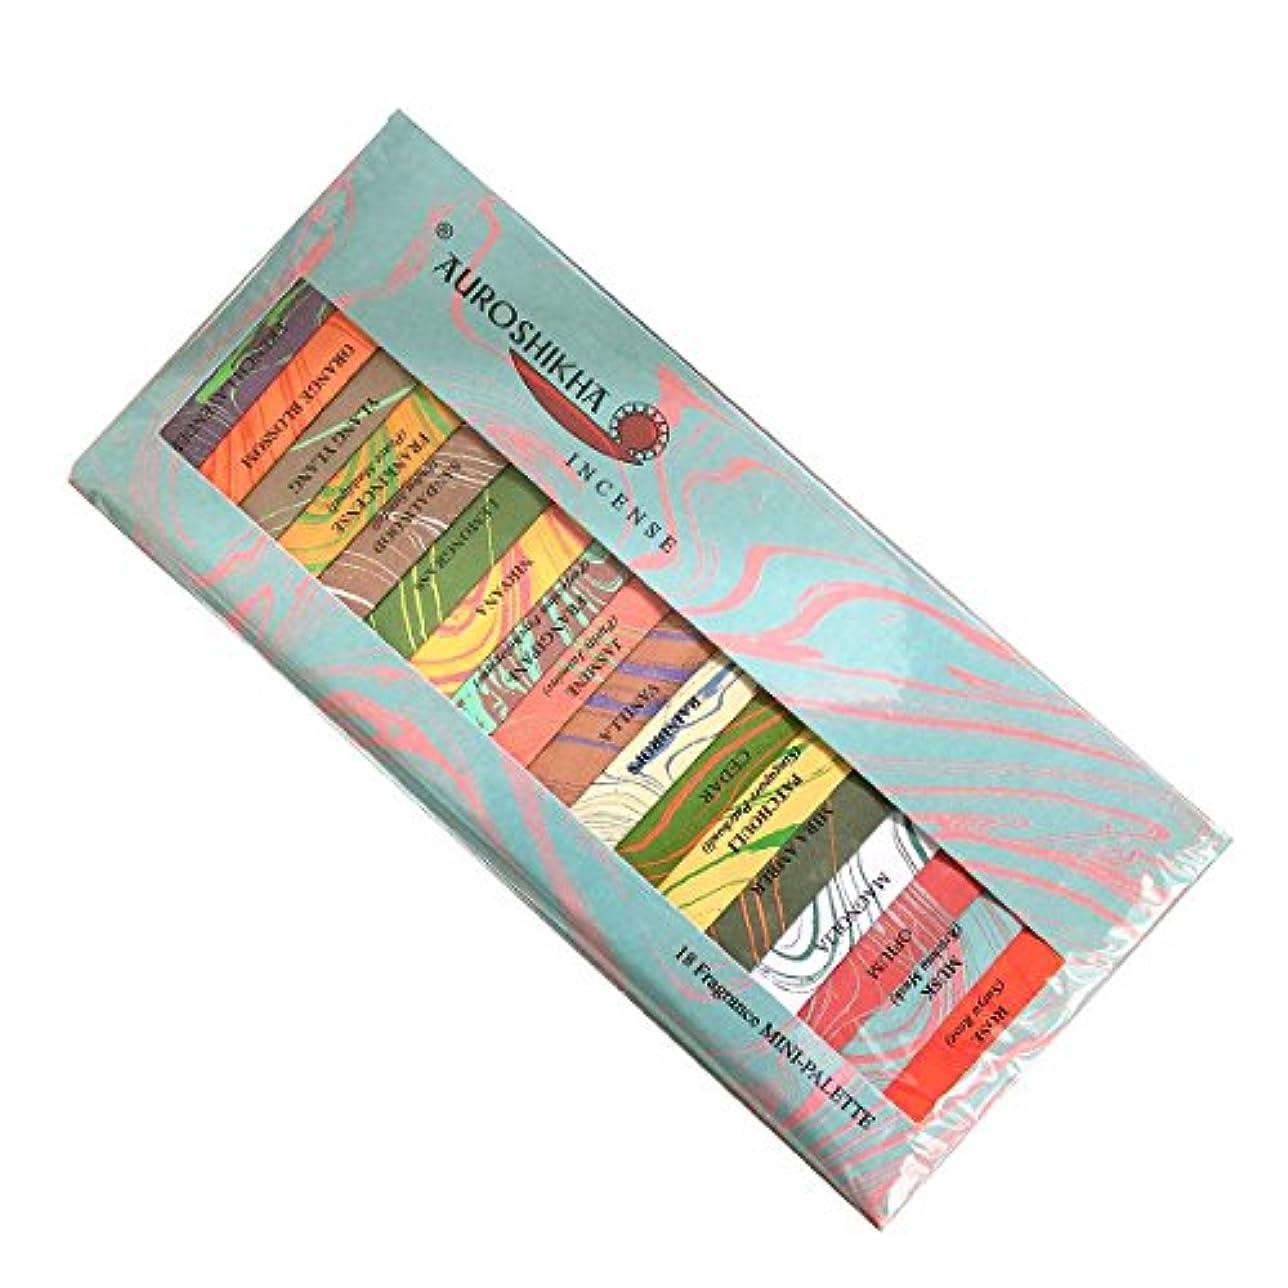 拘束開発するこだわりauroshikha (オウロシカ) マーブルパッケージ ミニパレット18種類の香りアソート スティック !